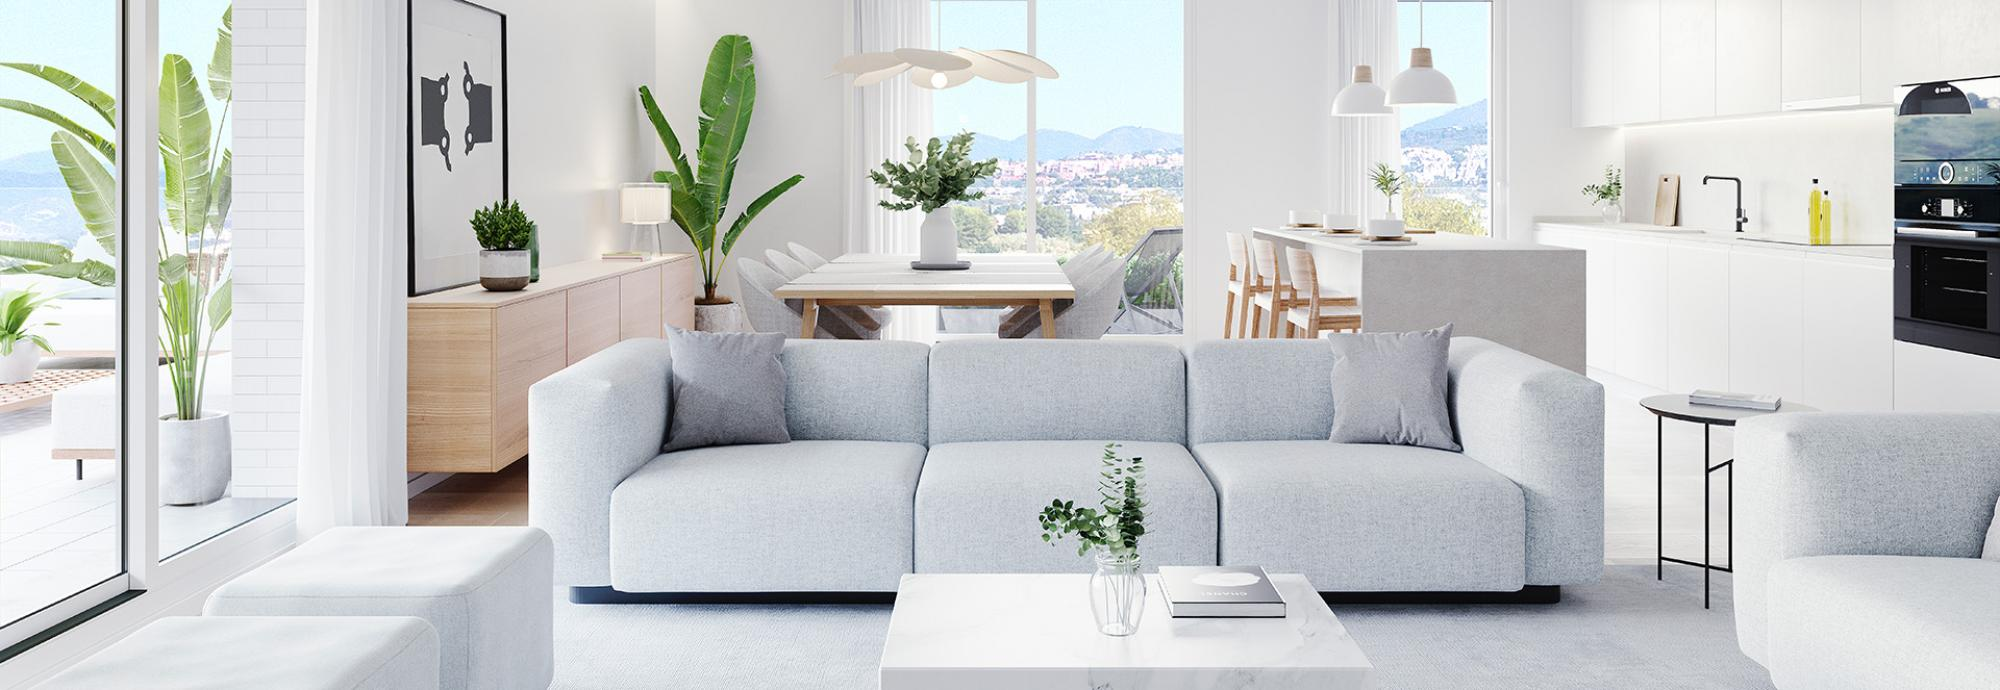 Appartements en vente à Nueva Andalucía MCO1459072